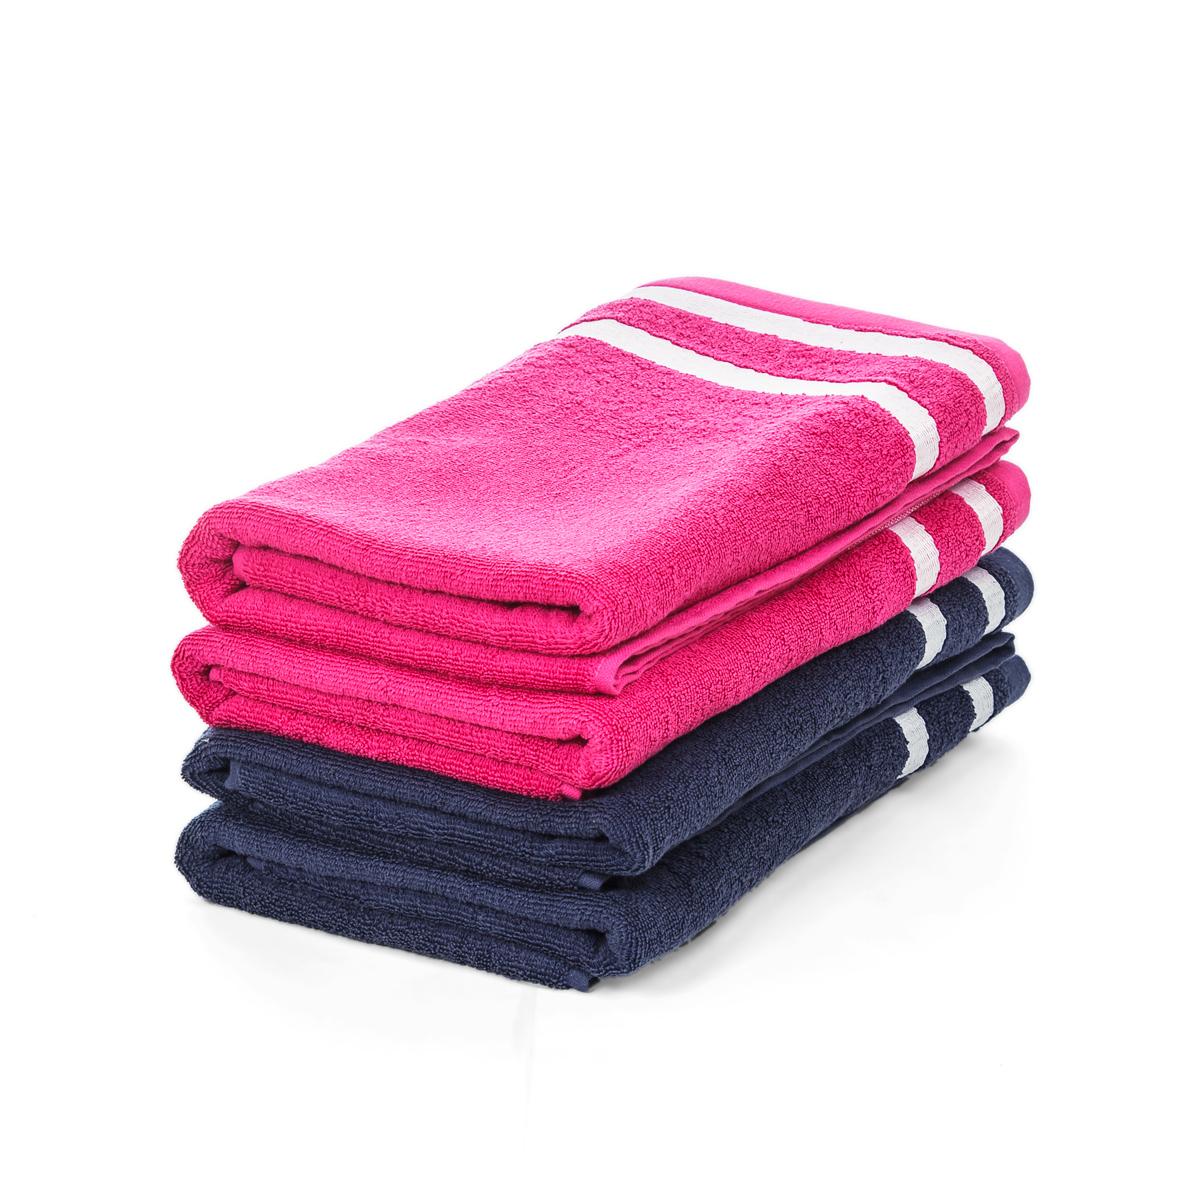 Полотенце Фитнесс Темно-синий р. 70х140Махровые полотенца<br><br><br>Тип: Полотенце<br>Размер: 70х140<br>Материал: Махра